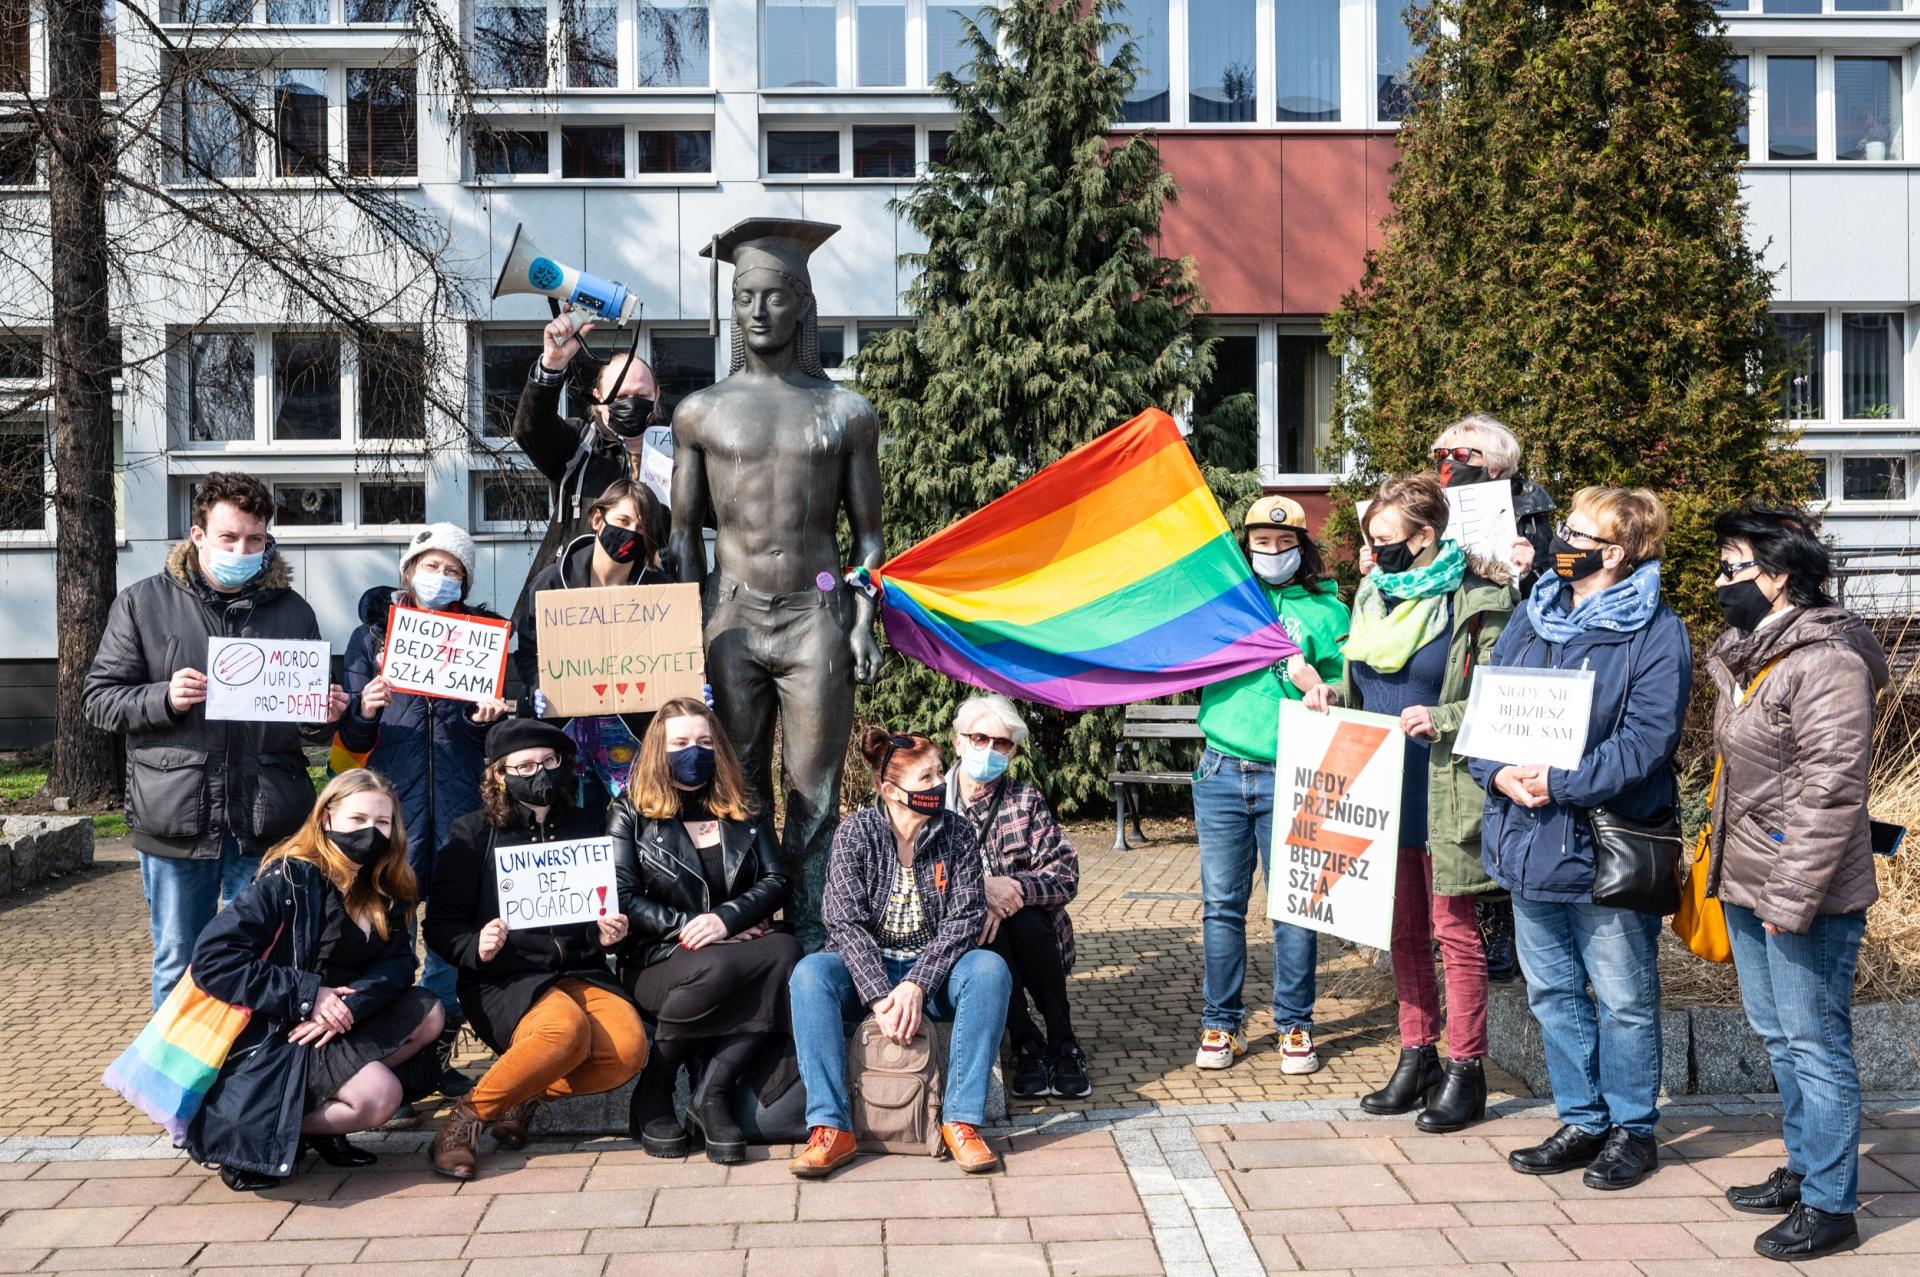 Nigdy nie będziesz sam! Pikieta solidarnościowa ze studentami Uniwersytetu Śląskiego.